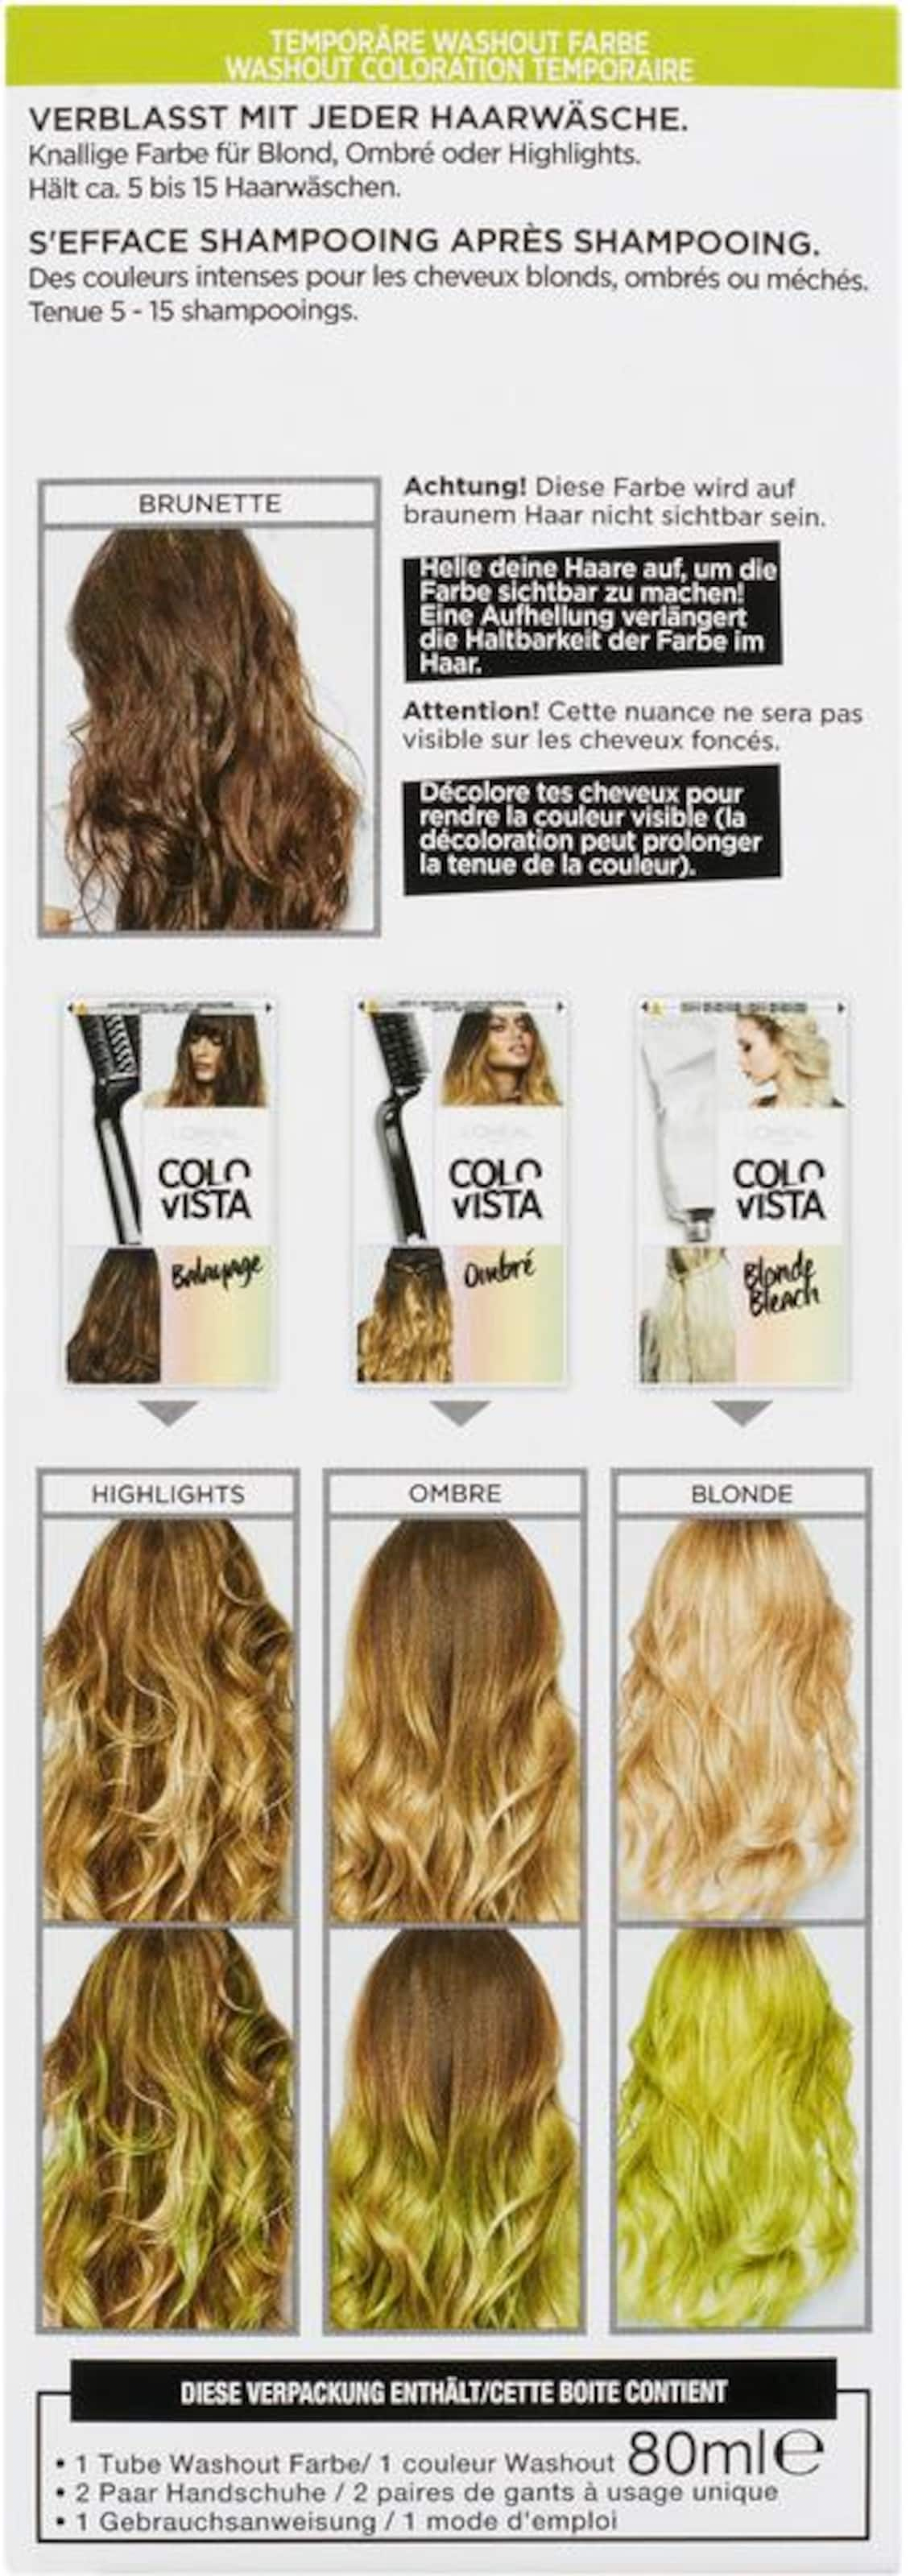 L'Oréal Paris COLOVIS WASHOUT 15 Suche Nach Günstiger Online Aberdeen Billig Für Billig HKZypq2h